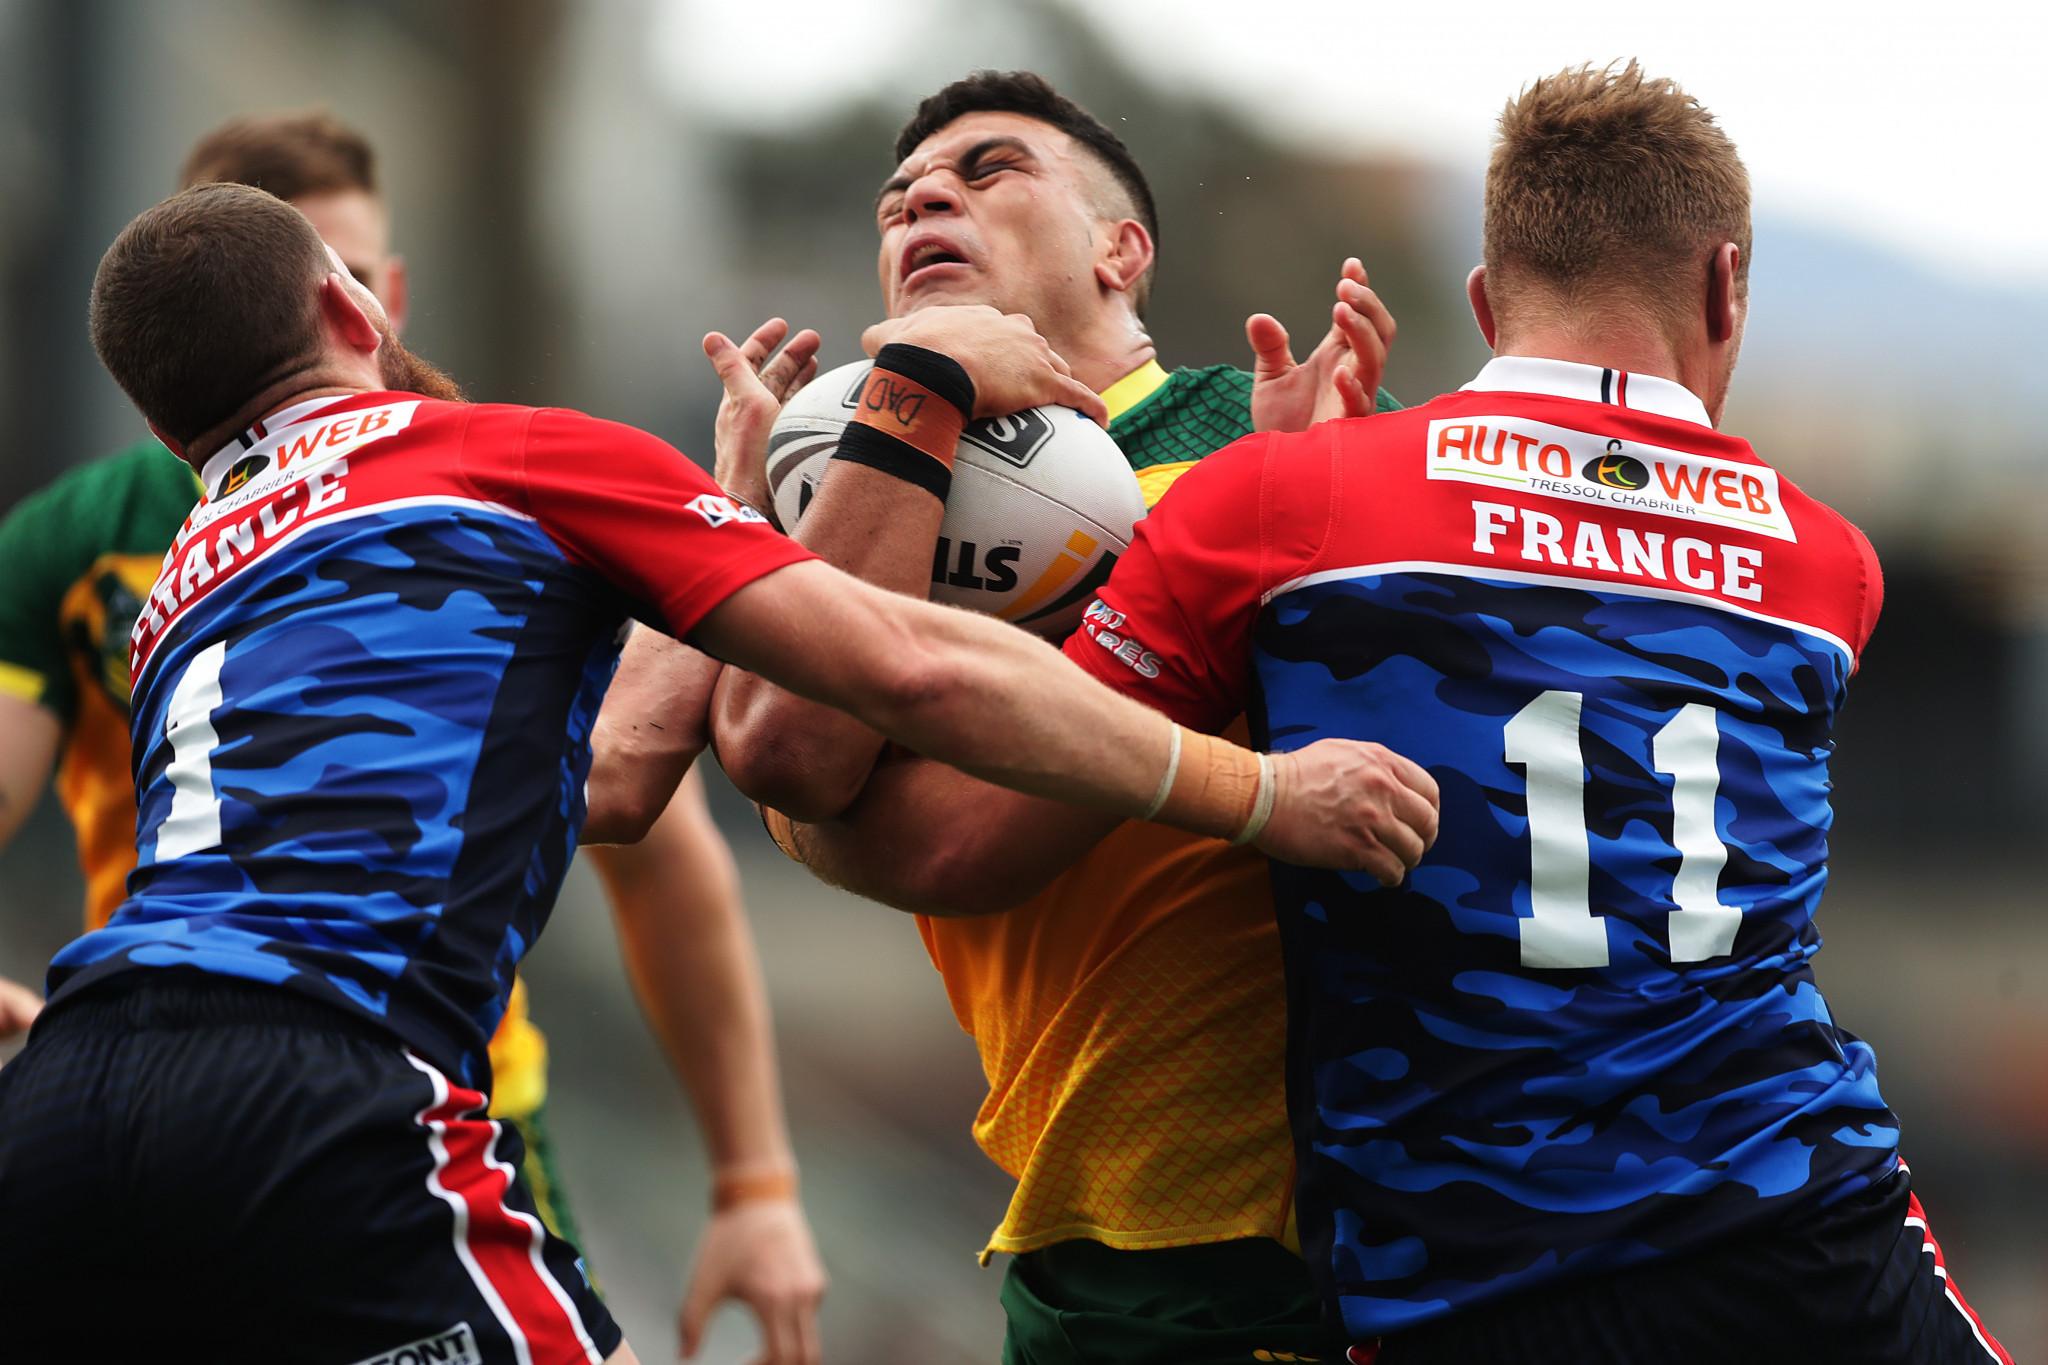 La Coupe du monde de rugby a eu lieu en France à quatre reprises, la dernière en 2013 © Getty Images